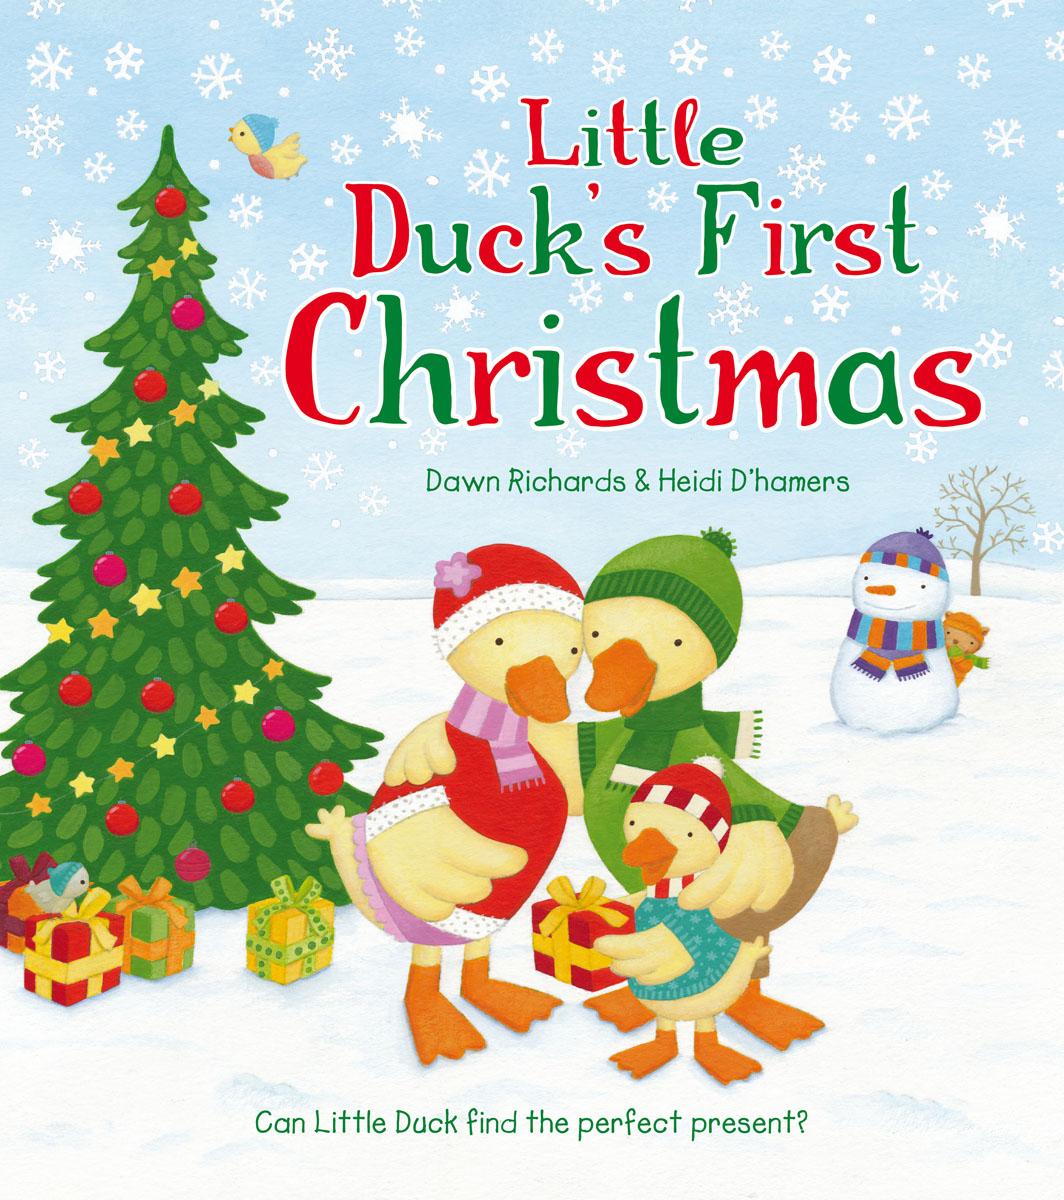 Little Duck's First Christmas